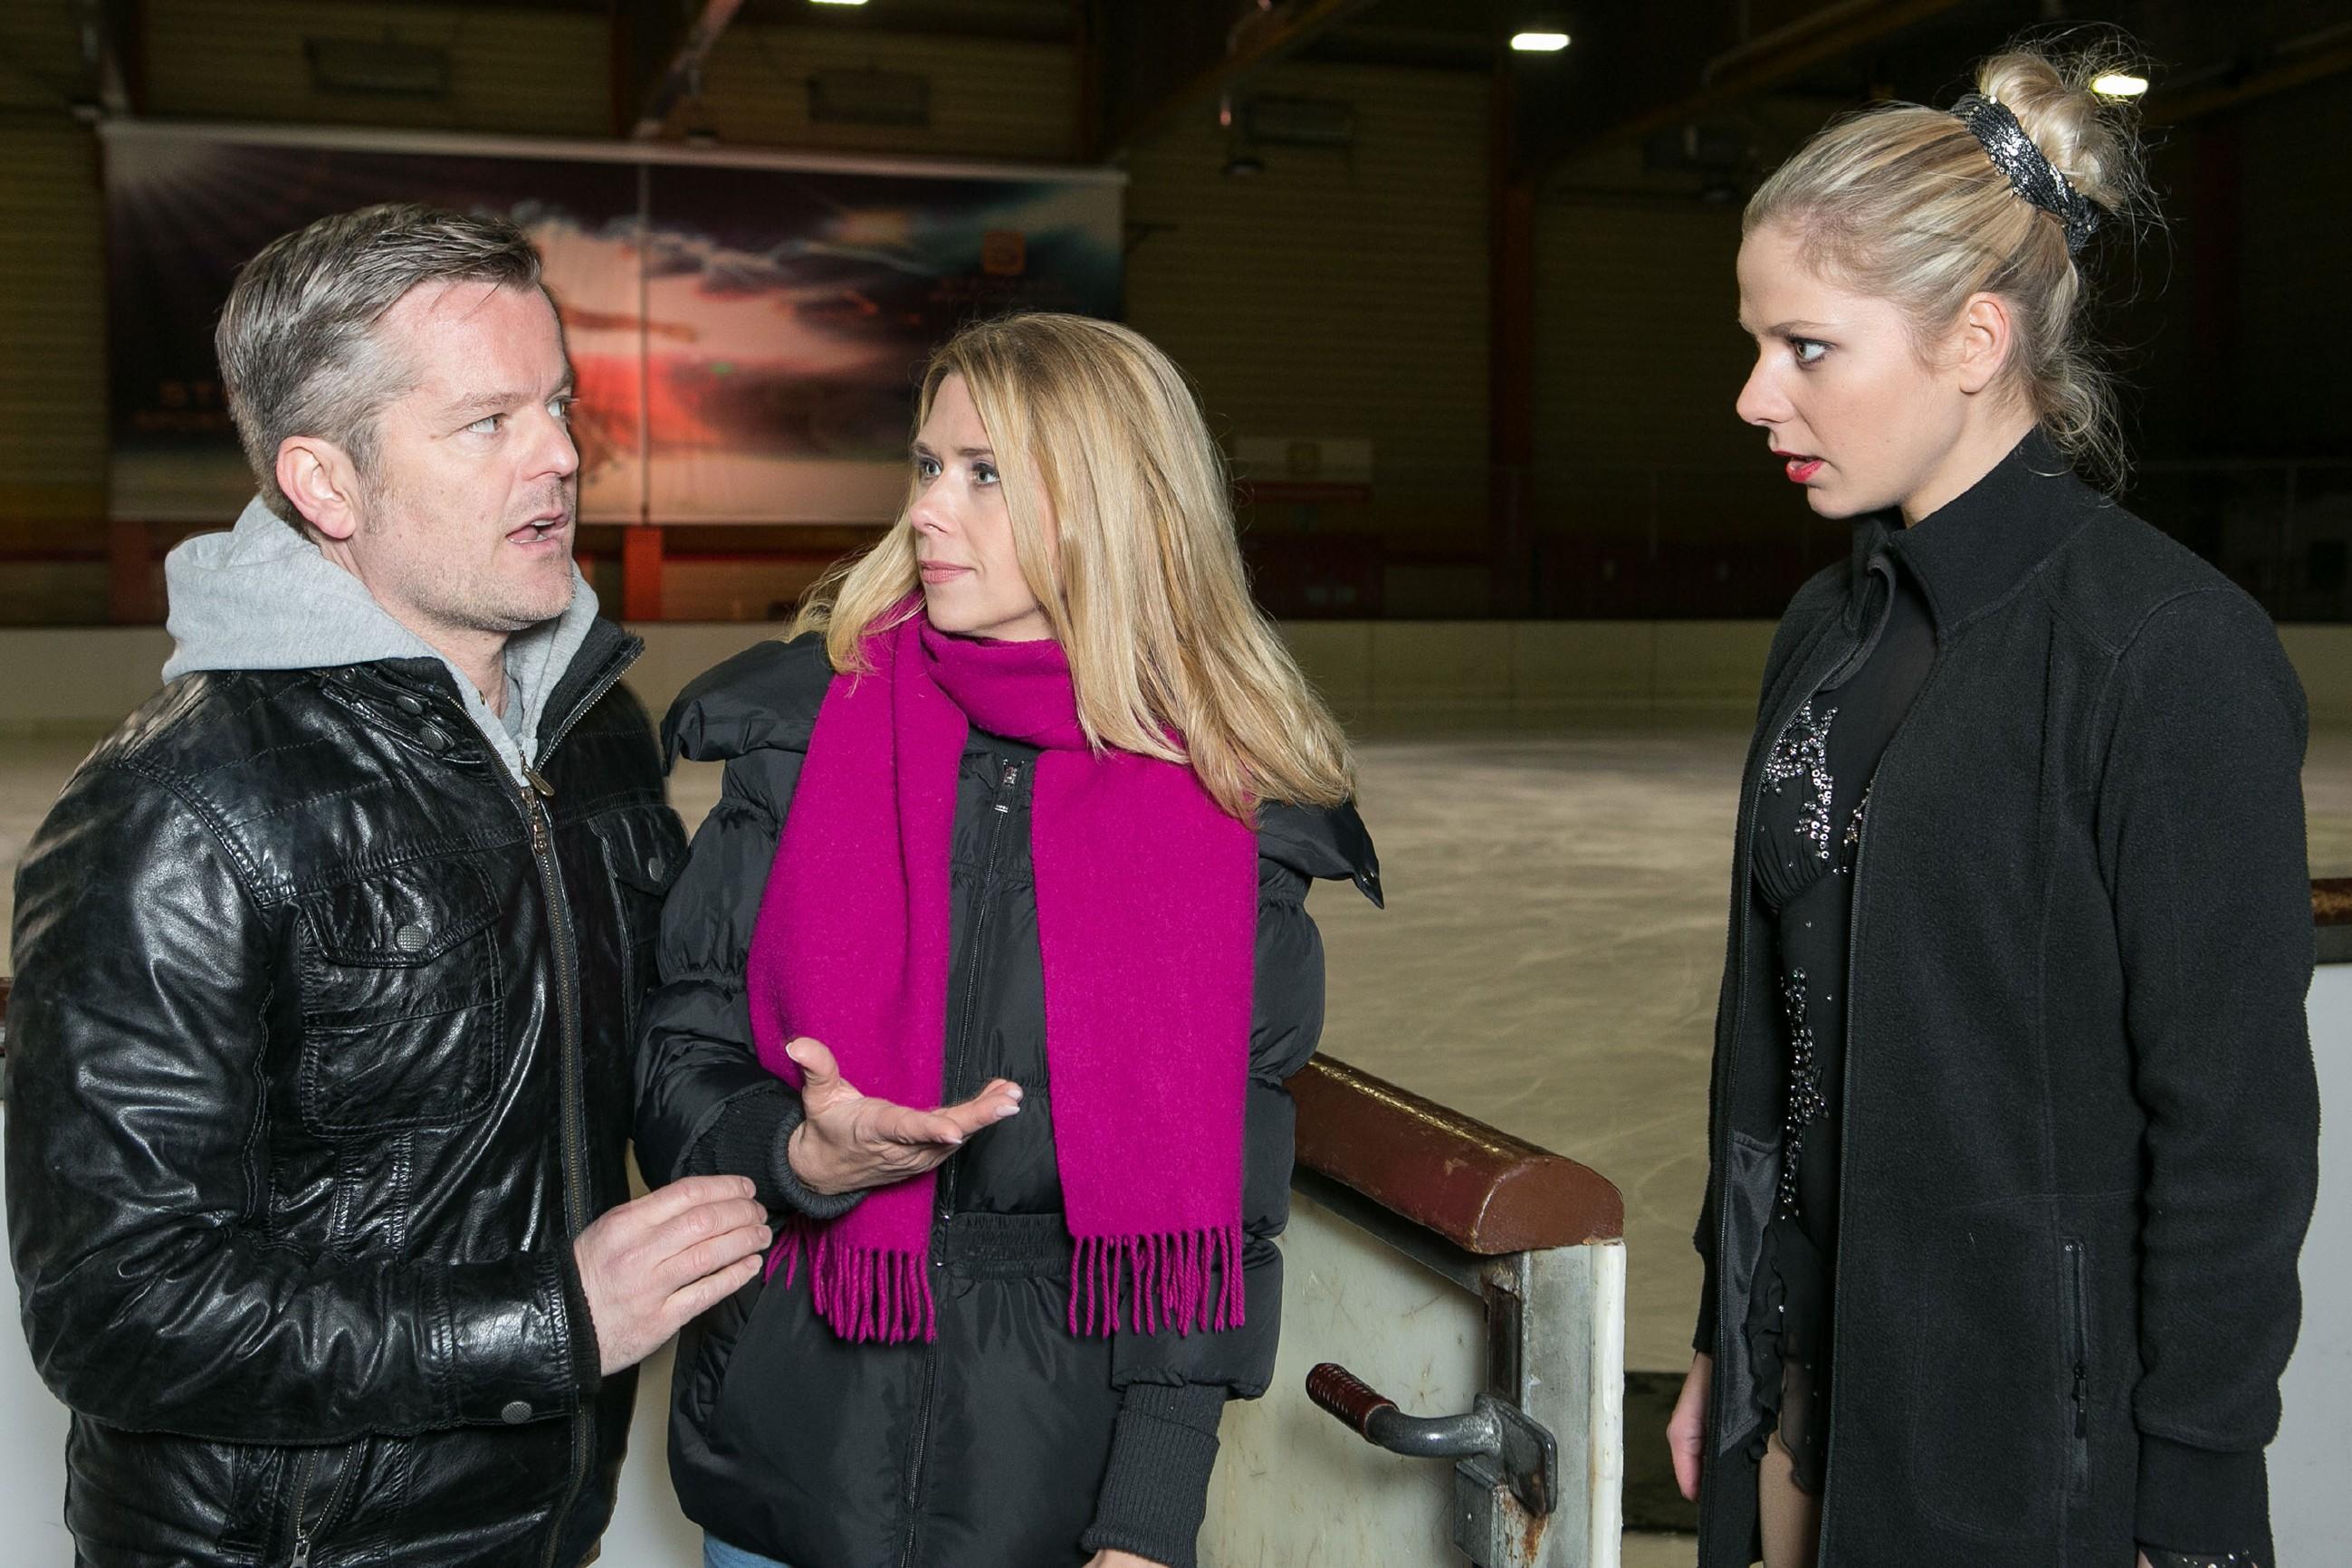 Als Marie (Cheyenne Pahde, r.) zu Dianas (Tanja Szewczenko) Erleichterung in letzter Sekunde auftaucht, muss sie sich vor ihrem Lauf auch noch Ingos (André Dietz) Standpauke anhören. (Quelle: RTL / Kai Schulz)